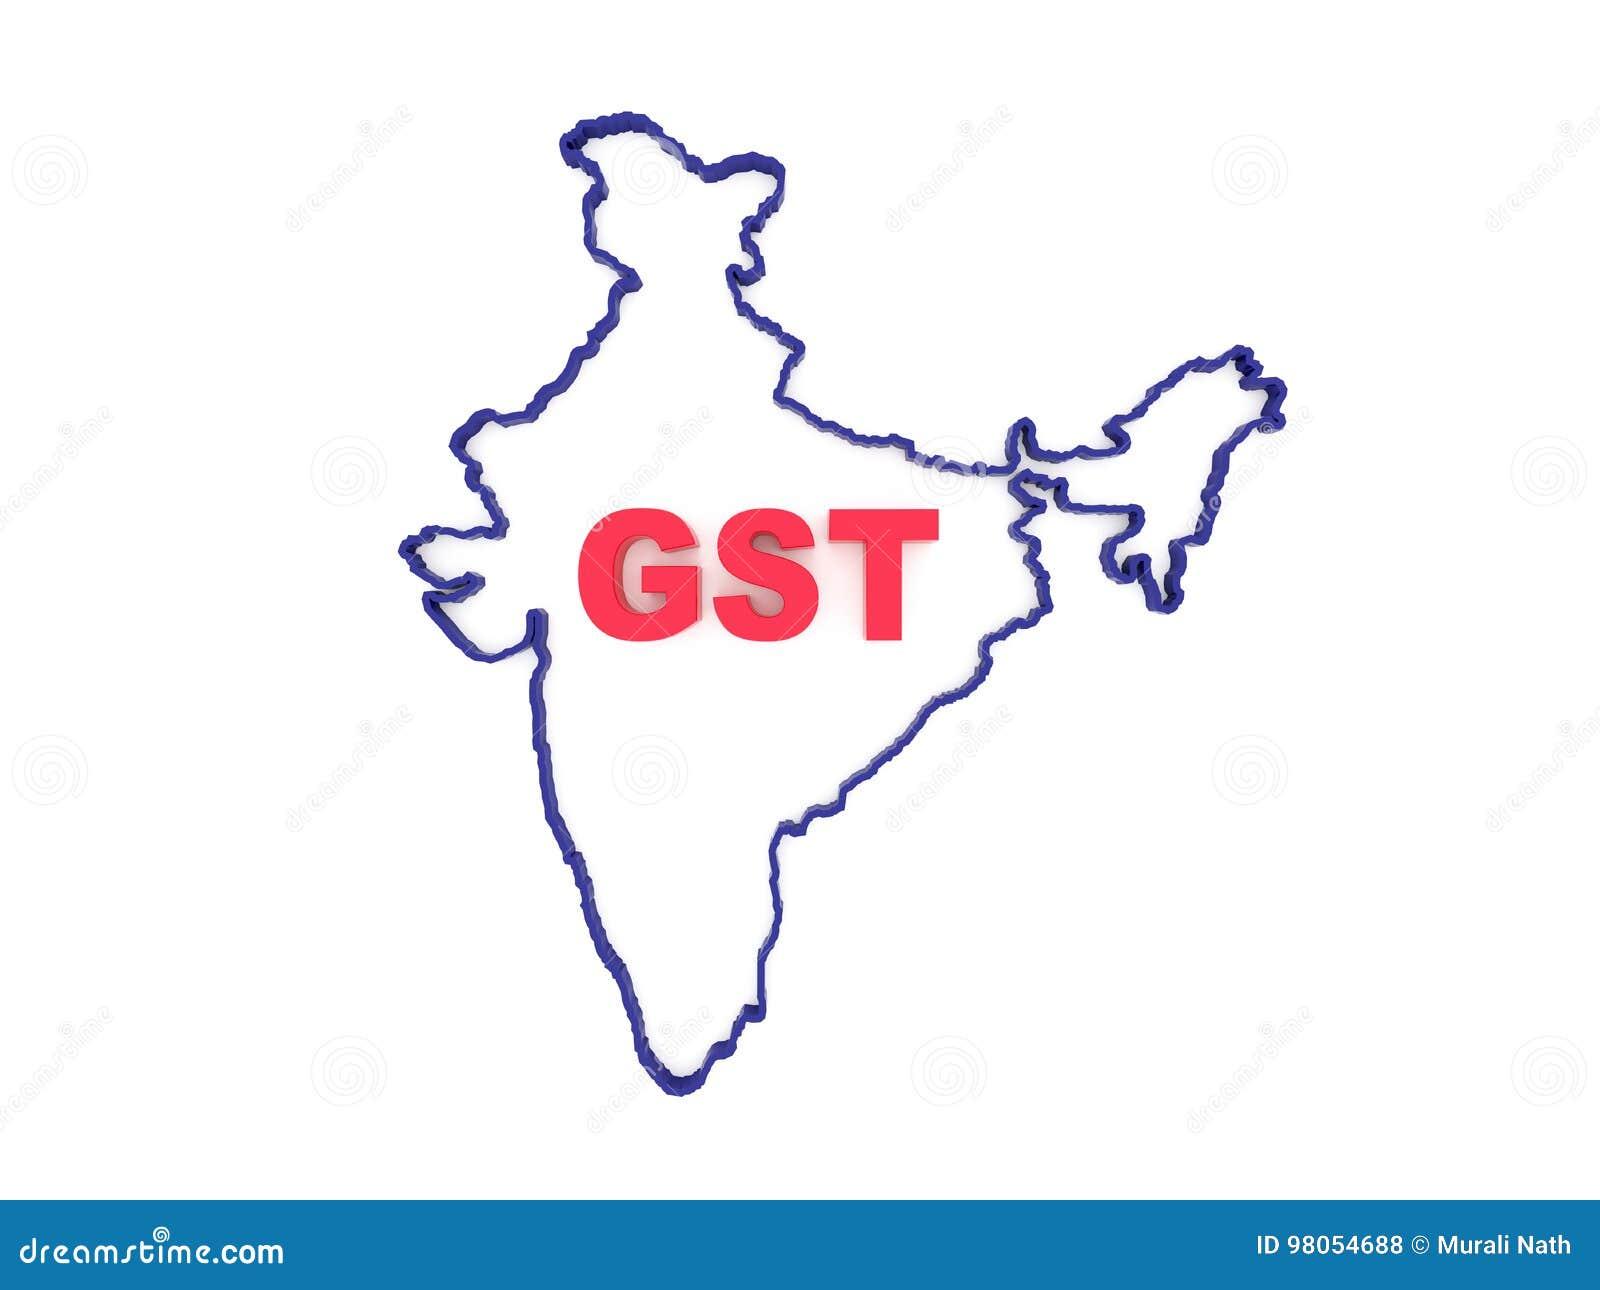 Concept de G S T avec la carte indienne